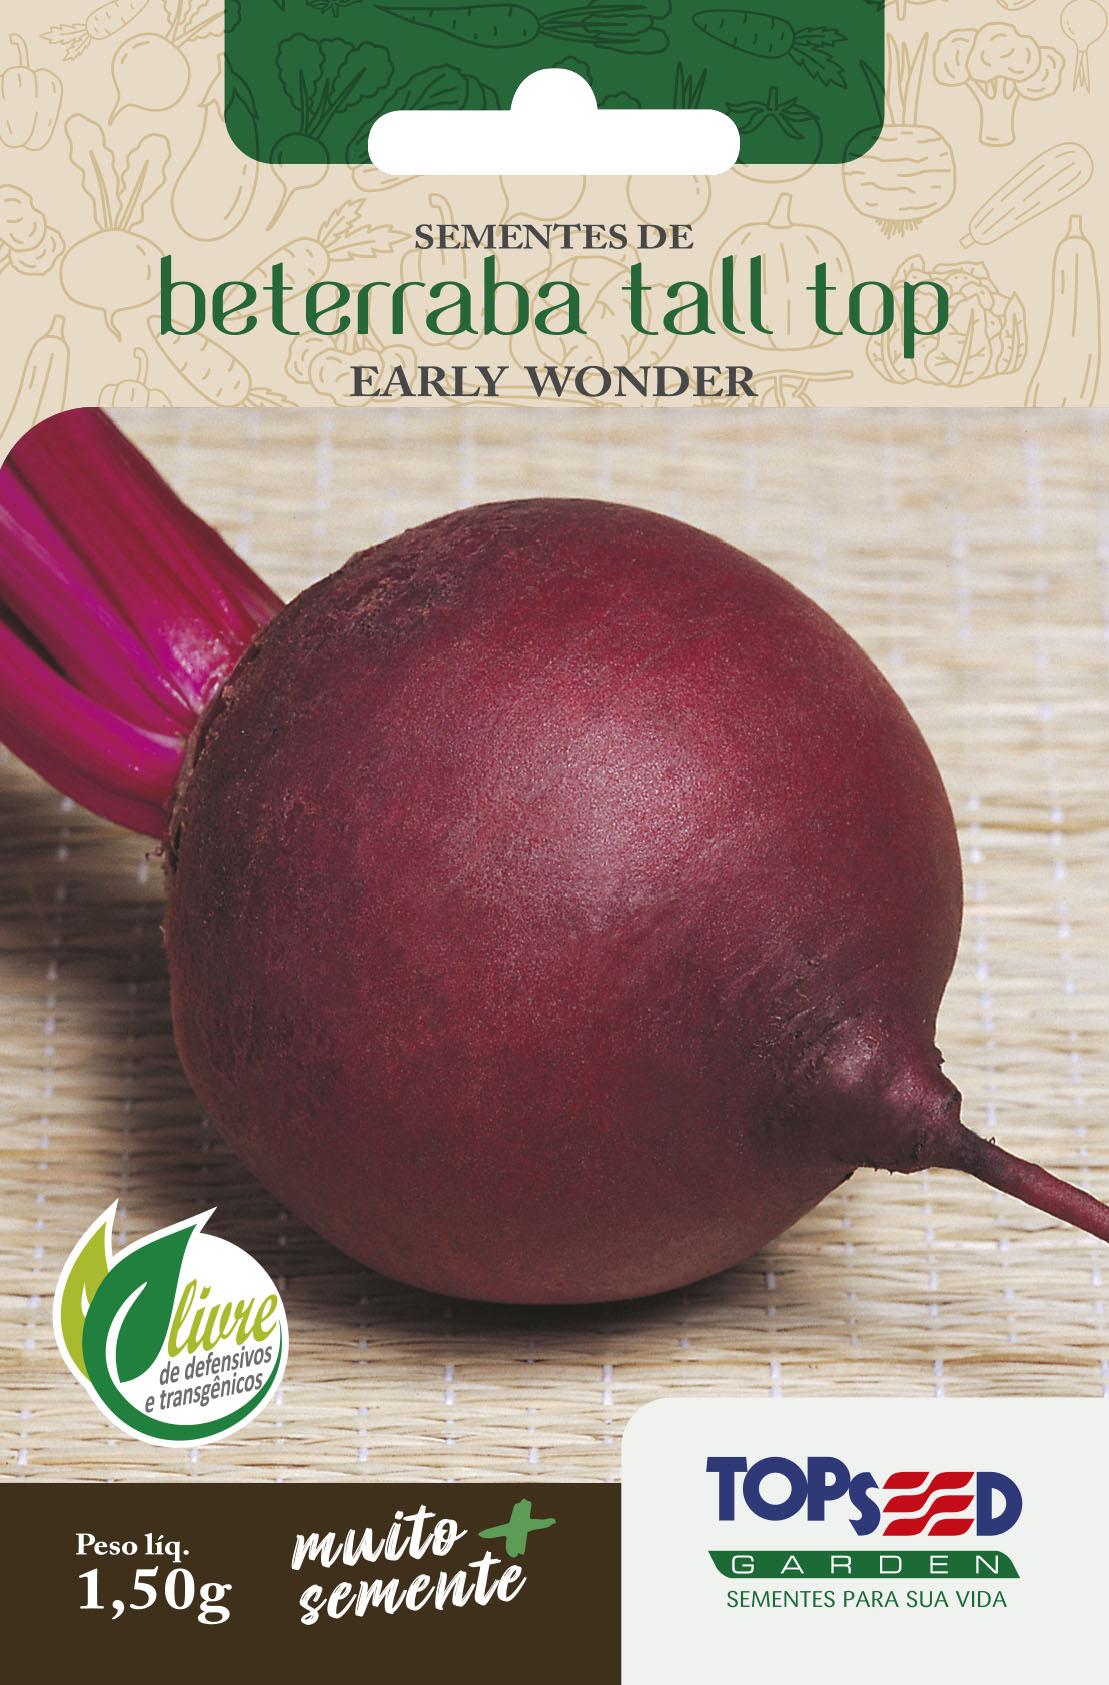 Semente de Beterraba Early Wonder Tall Top 1,50g